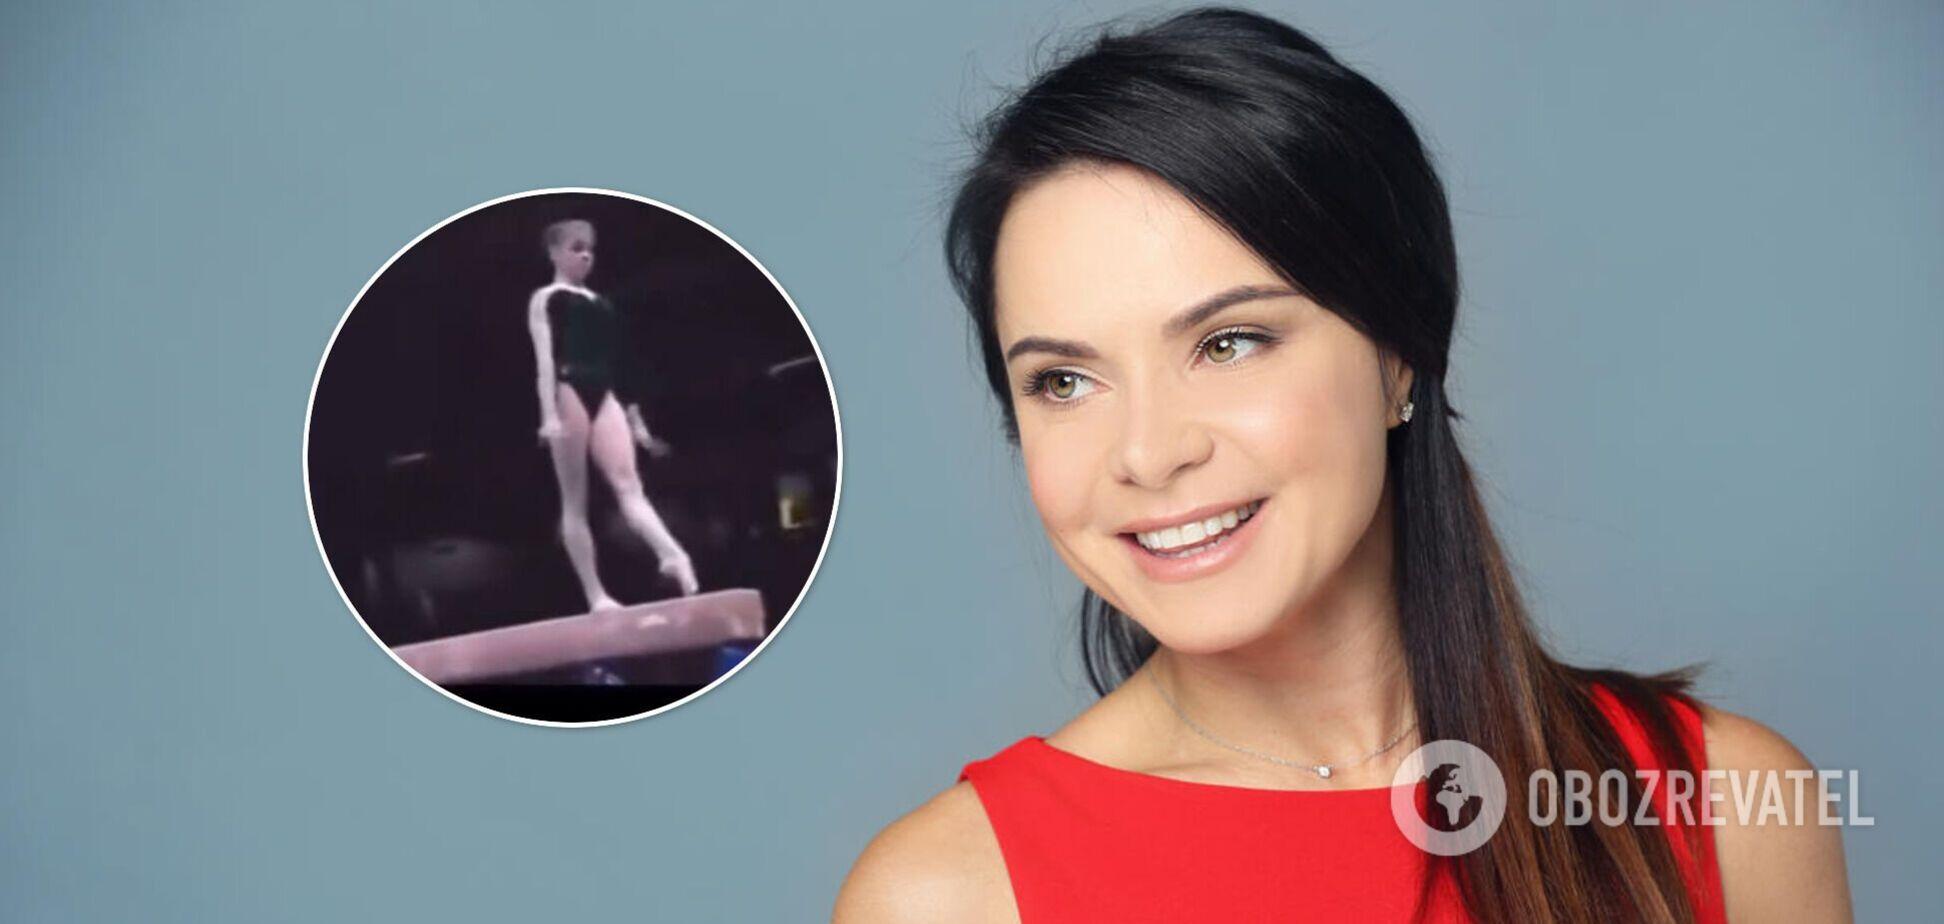 Подкопаева показала свое легендарное выступление, на котором стала олимпийской чемпионкой